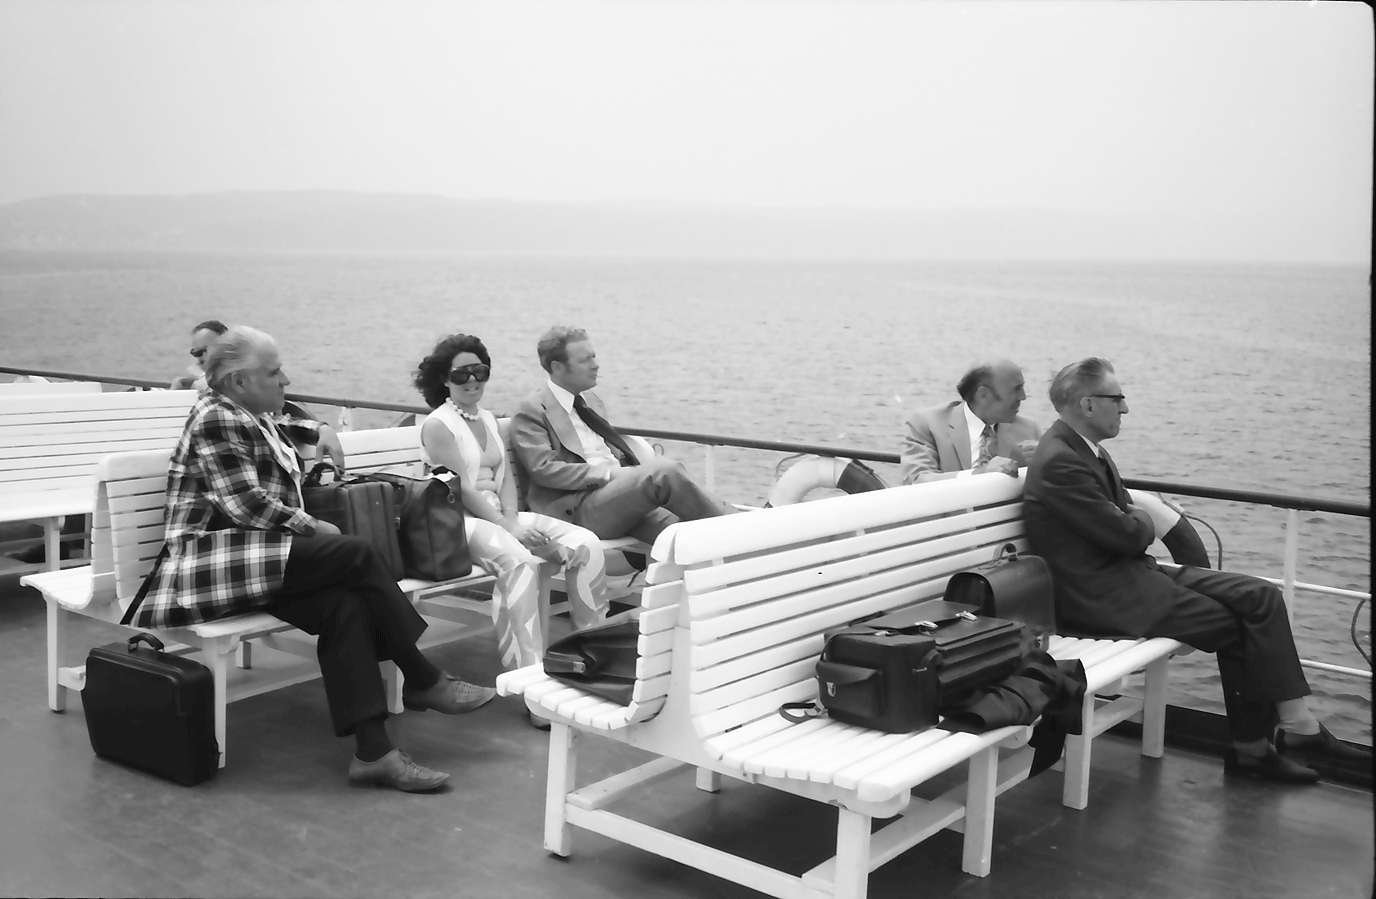 Überlingen: Bahnhof; Pressefahrt; Gruppen am Schiffsdeck, Bild 1